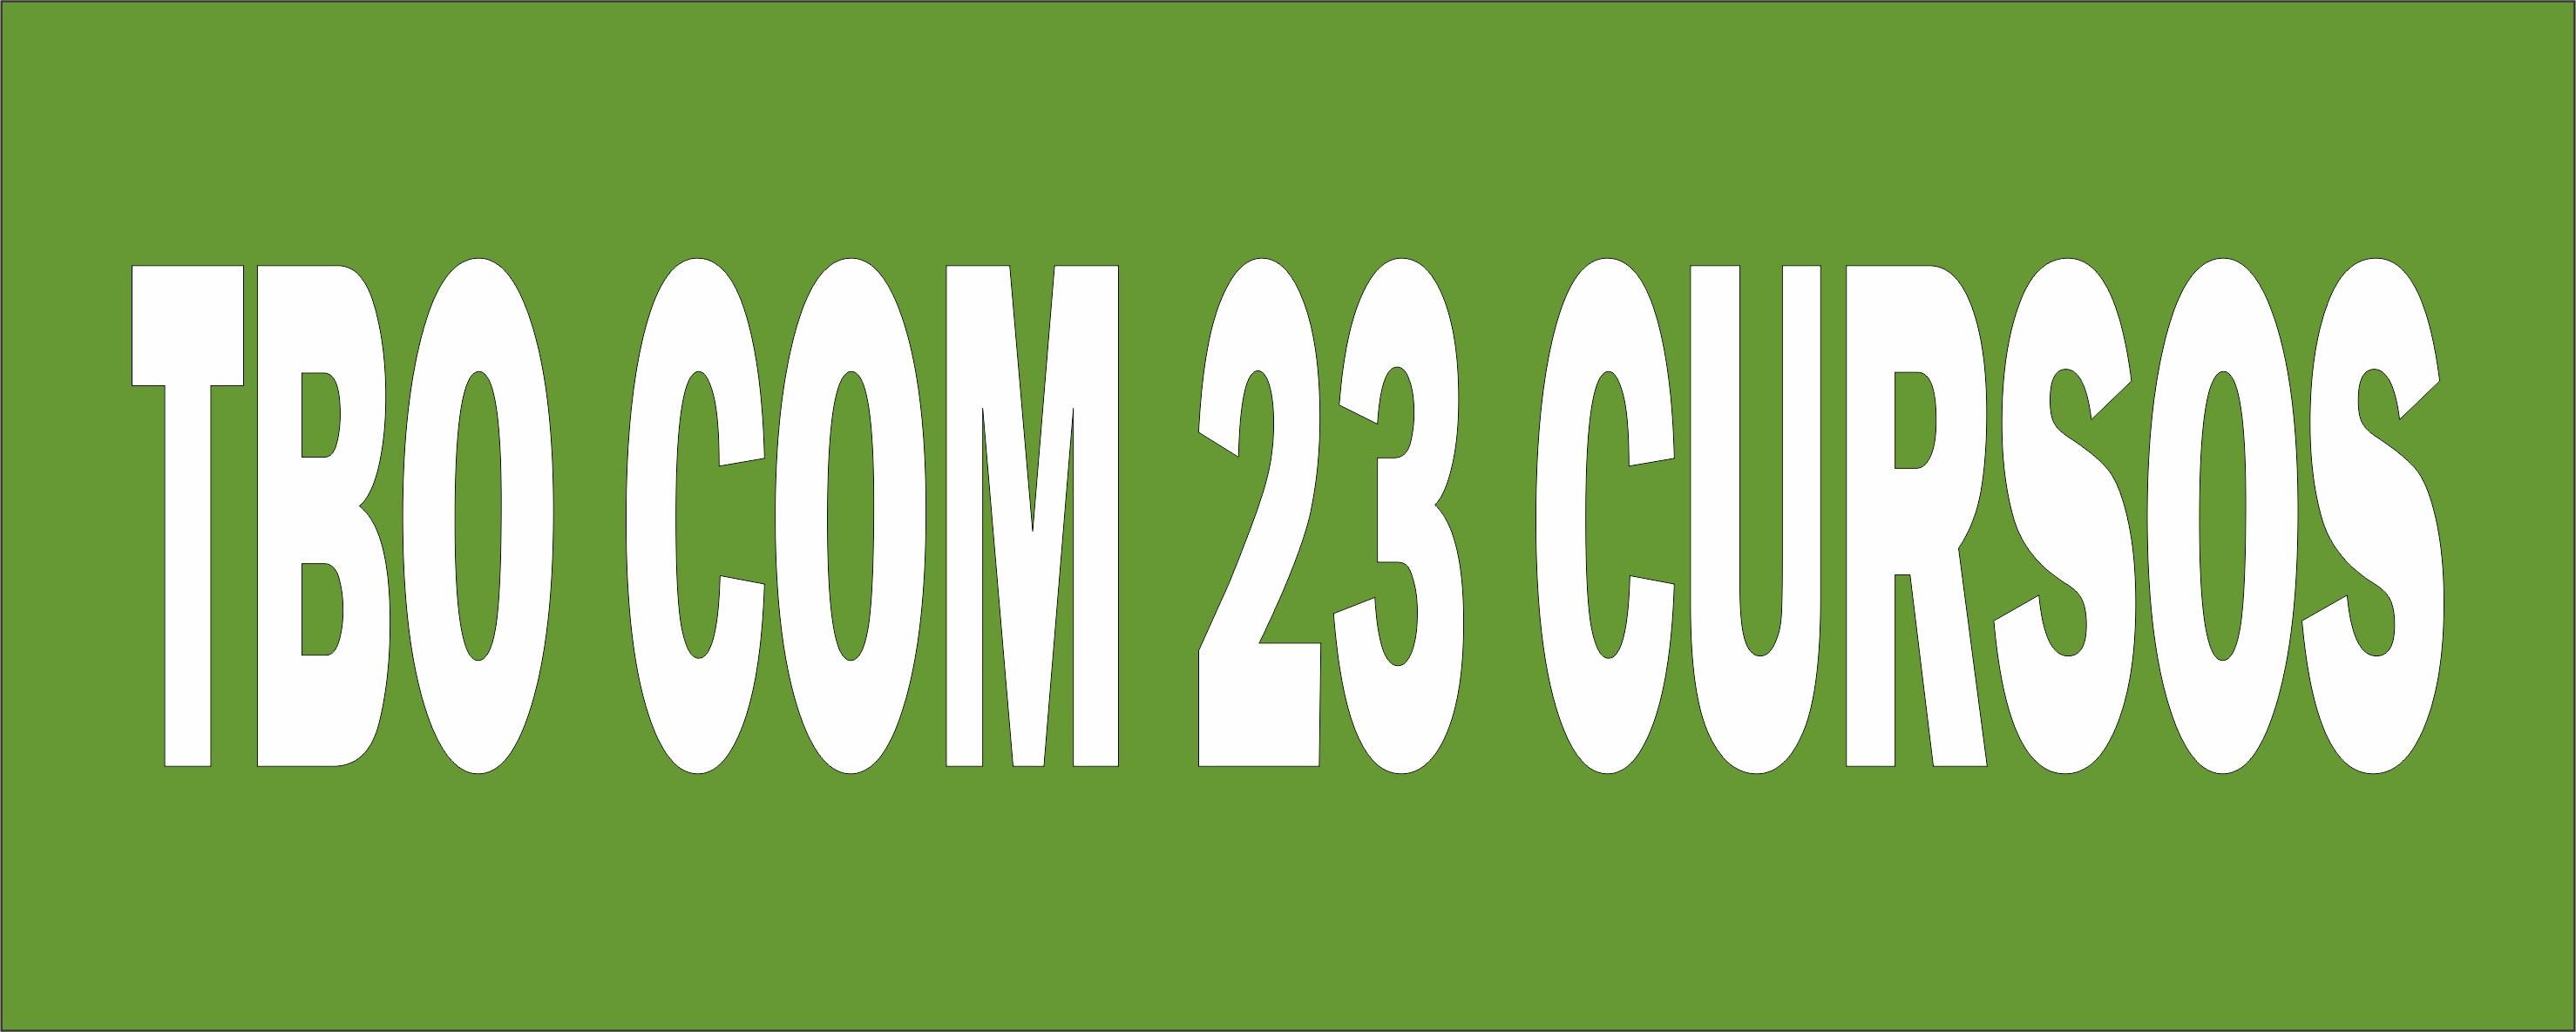 Combo: TBO + Produção + Logística + Qualidade (23 cursos)